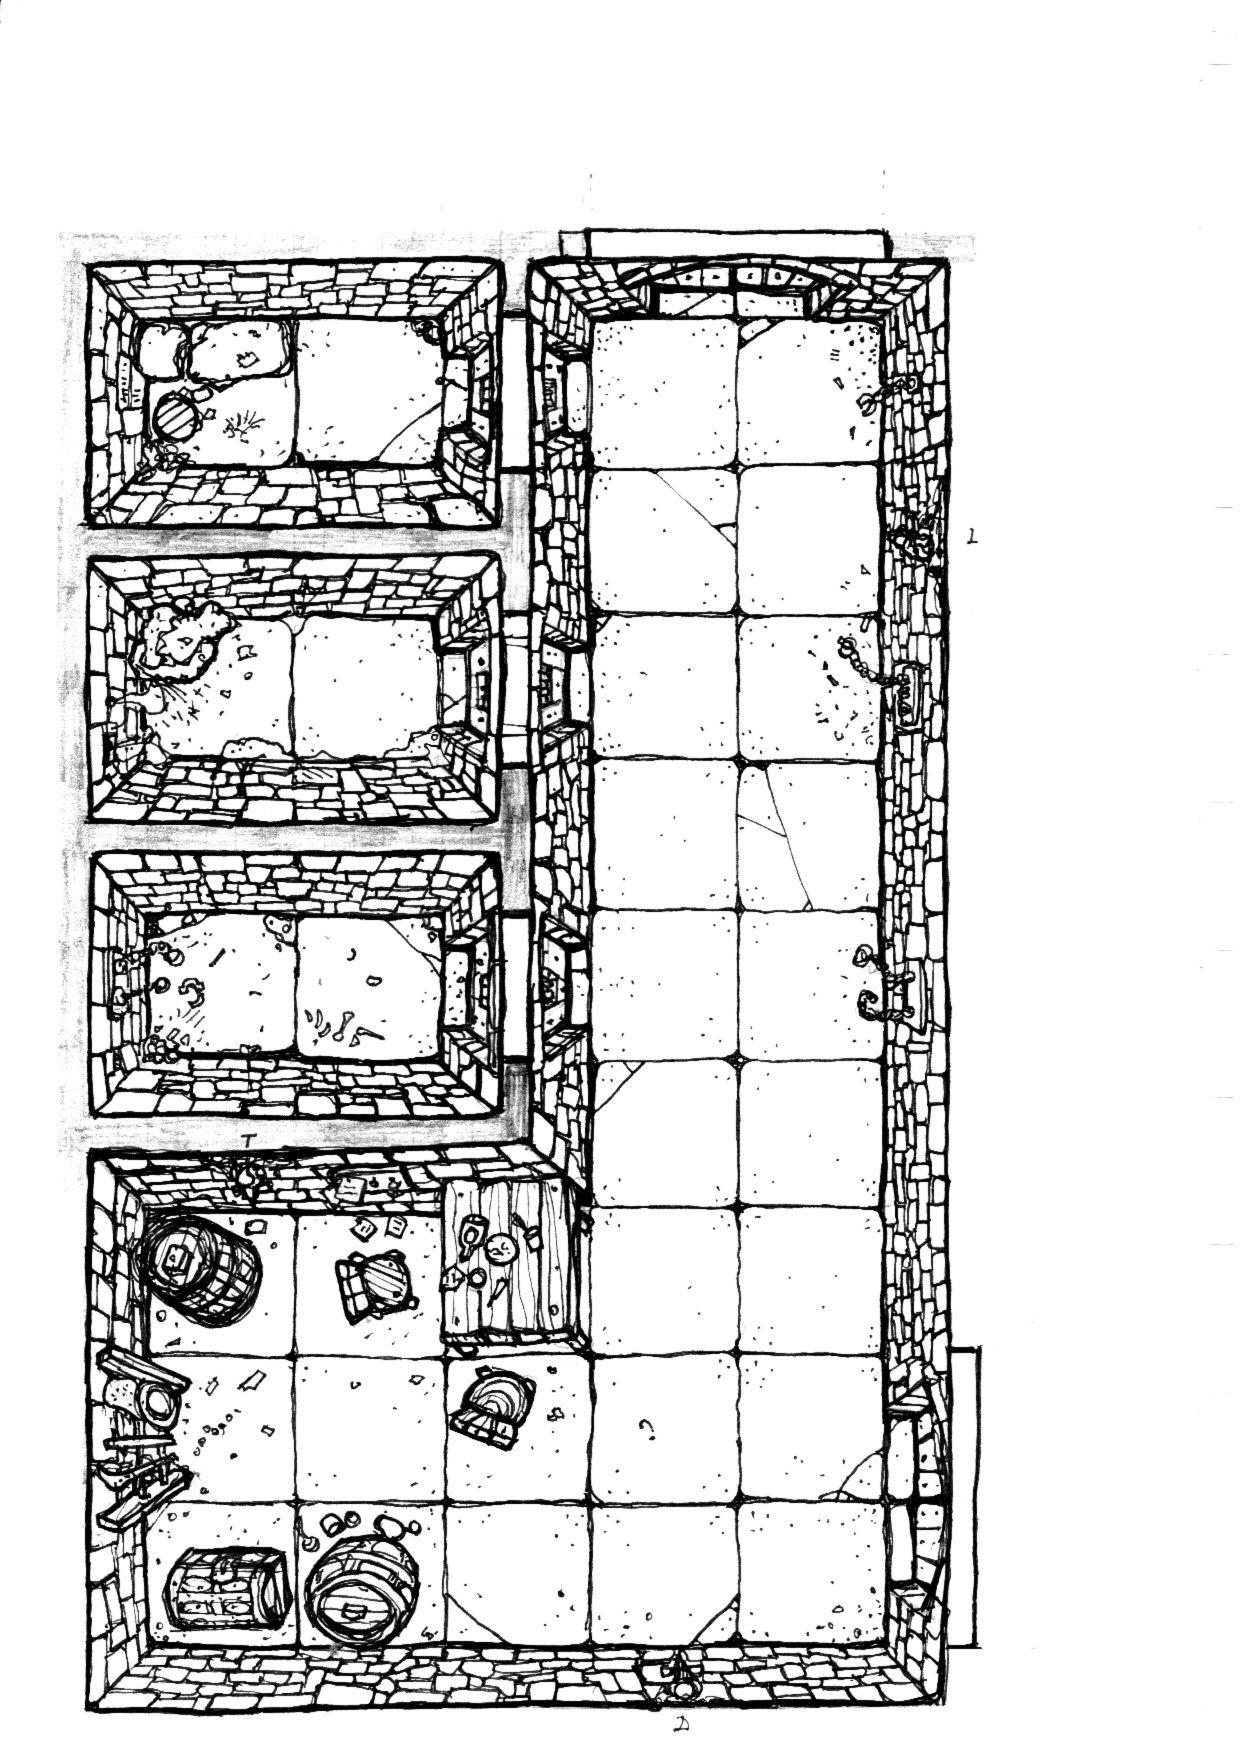 dungeon floor plan prison wip by billiambabble deviantart david s rpg dungeon floor plans 3